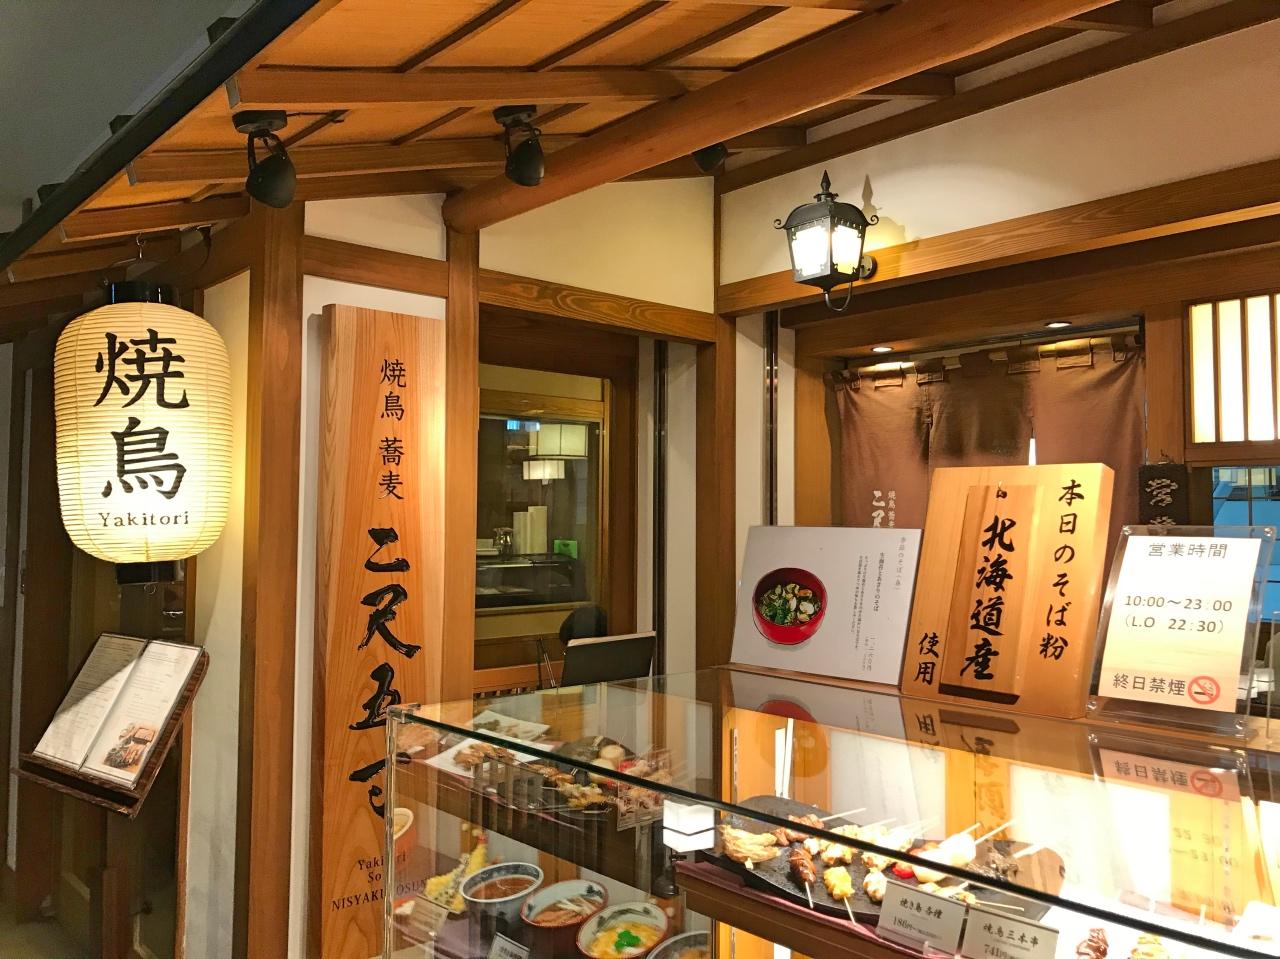 江戸小路レストラン4